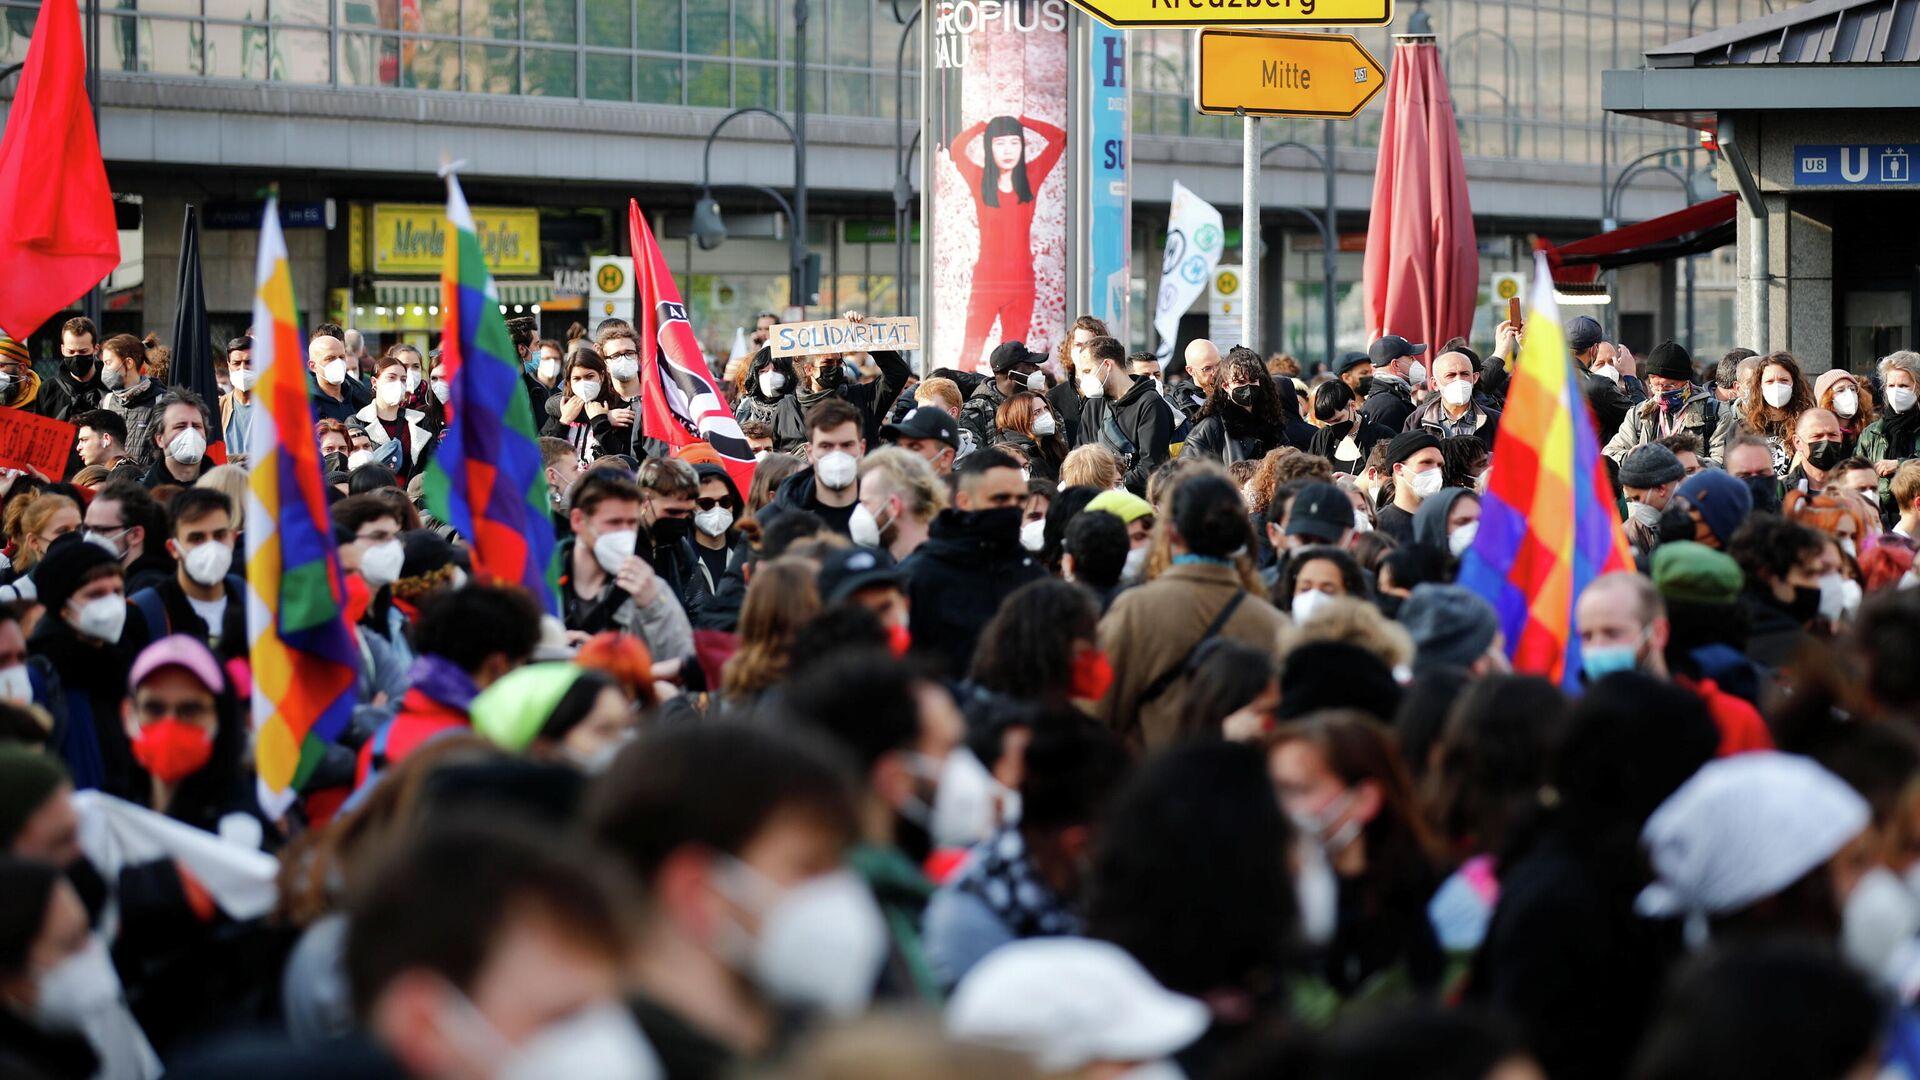 В Берлине 30 полицейских пострадали во время первомайских демонстраций